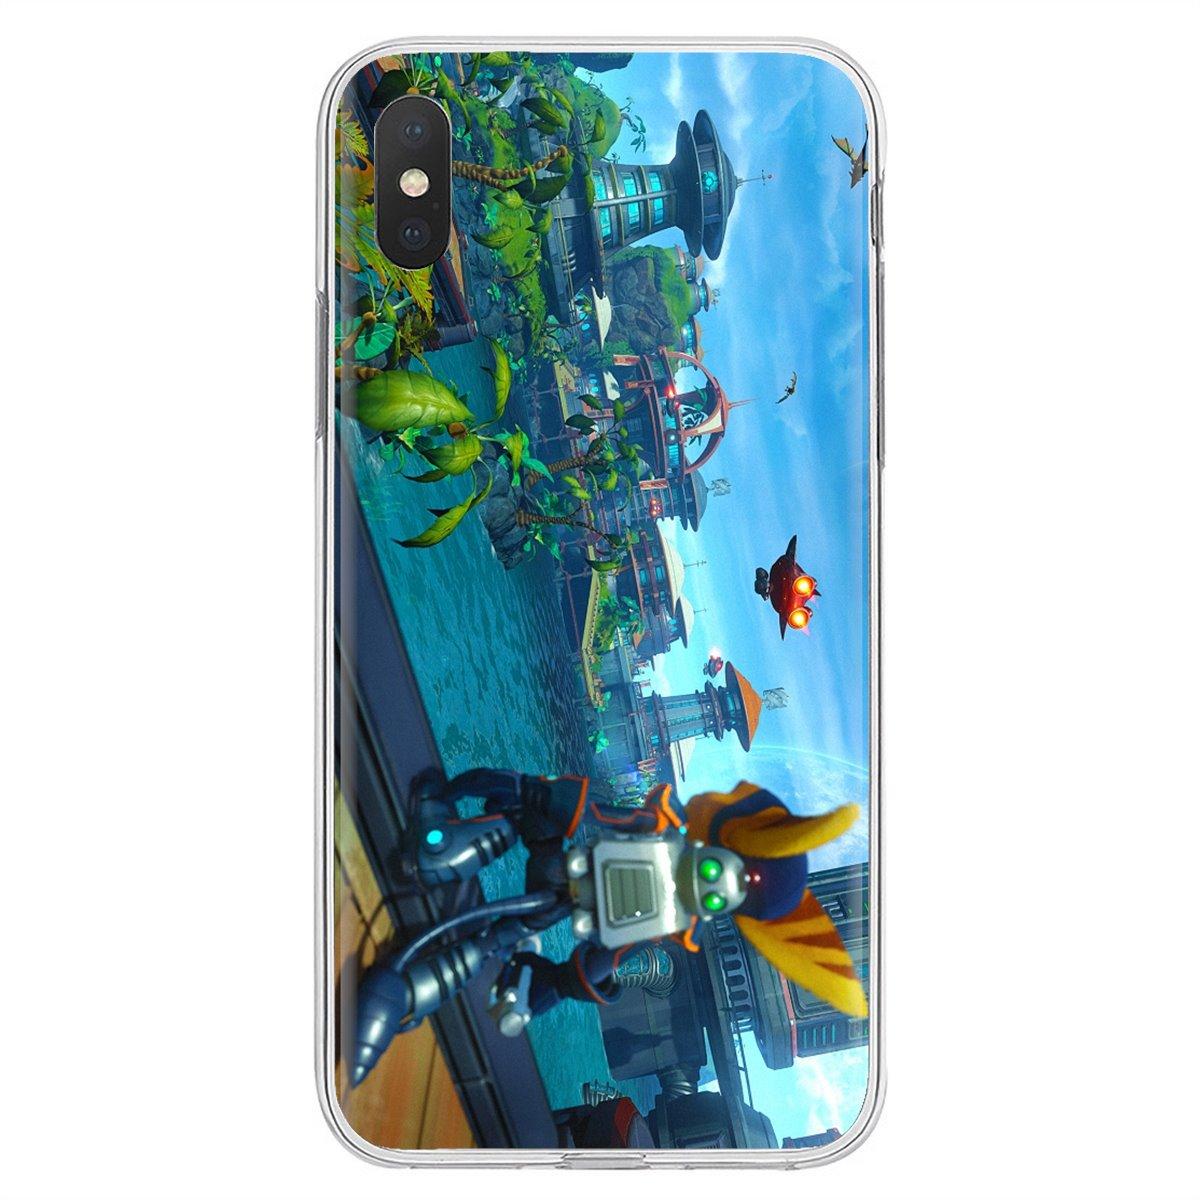 Trinquete y Clank Insomniac juegos arte para Xiaomi mi A1 A2 A3 5X6X8 9 9t Lite SE Pro mi Max MIX 1 2 3 2S vender funda de silicona para teléfono